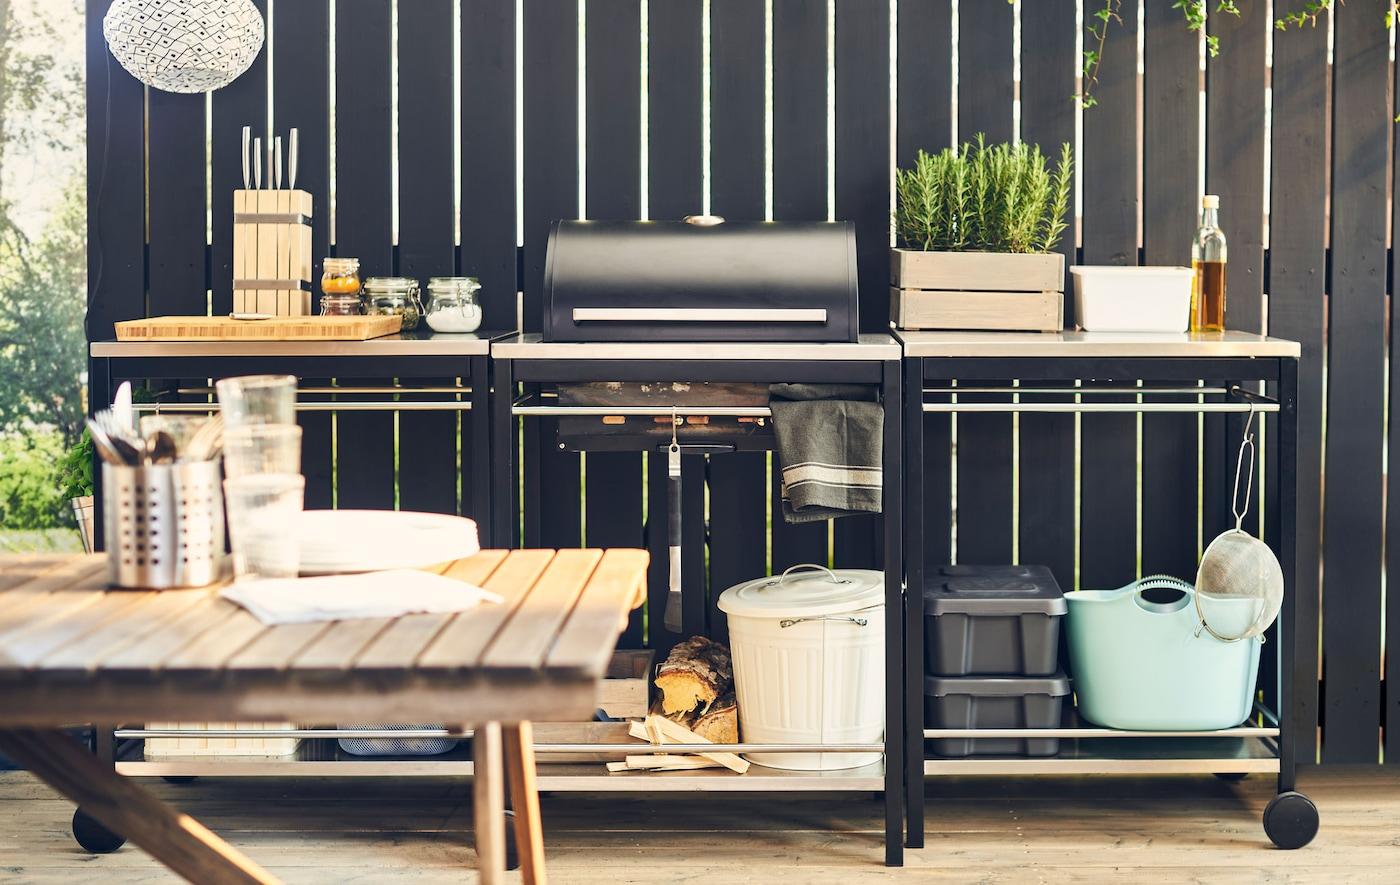 Outdoor Küche Ikea Inspiration : Fensterbank mit pflanzen gestalten frische ideen ikea